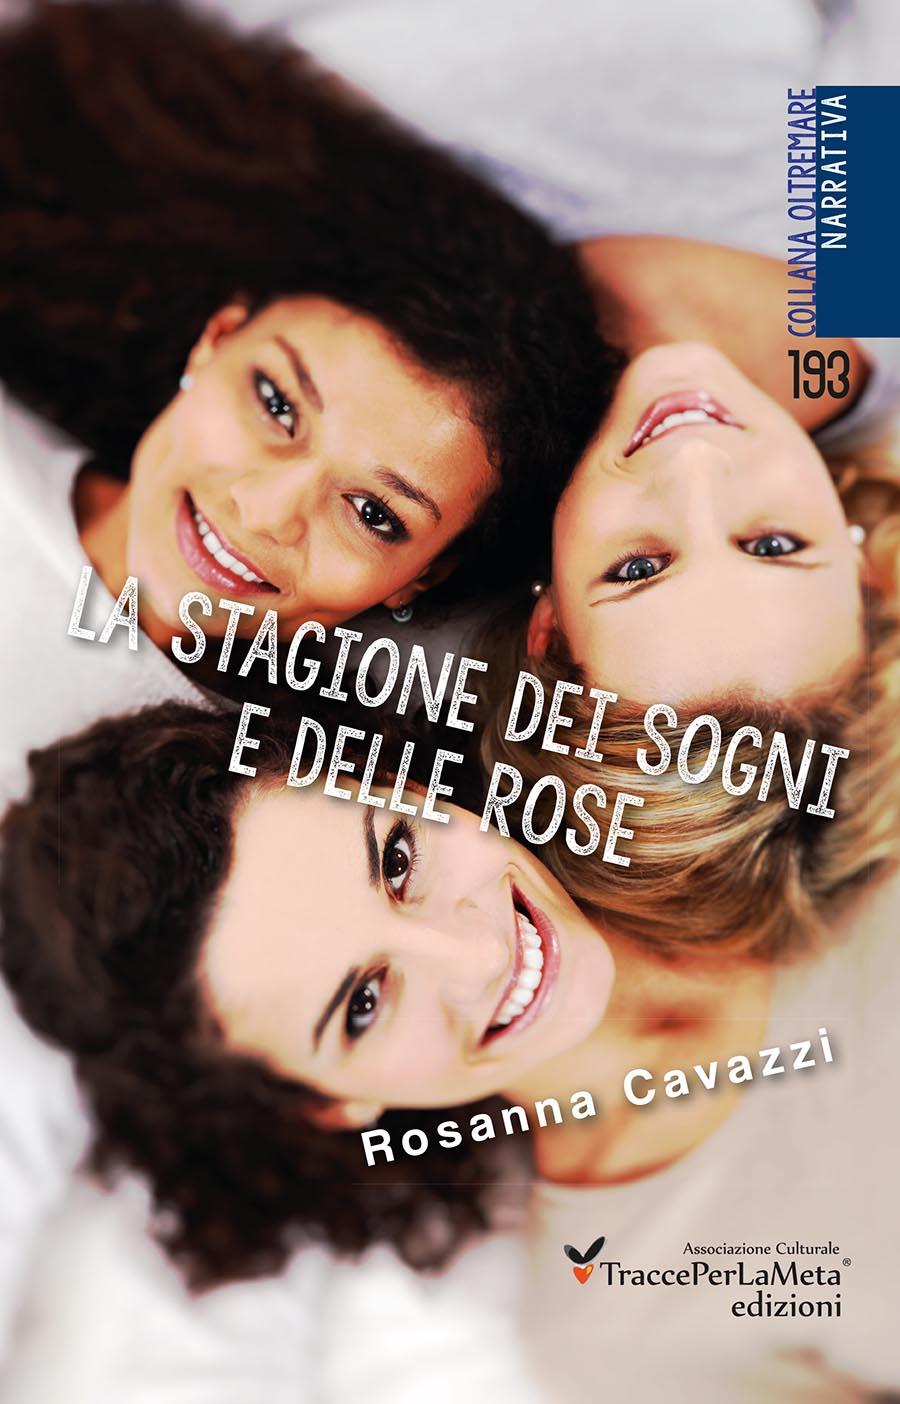 """Un messaggio di gratitudine alla vita; esce """"La stagione dei sogni e delle rose"""" di Rosanna Cavazzi"""